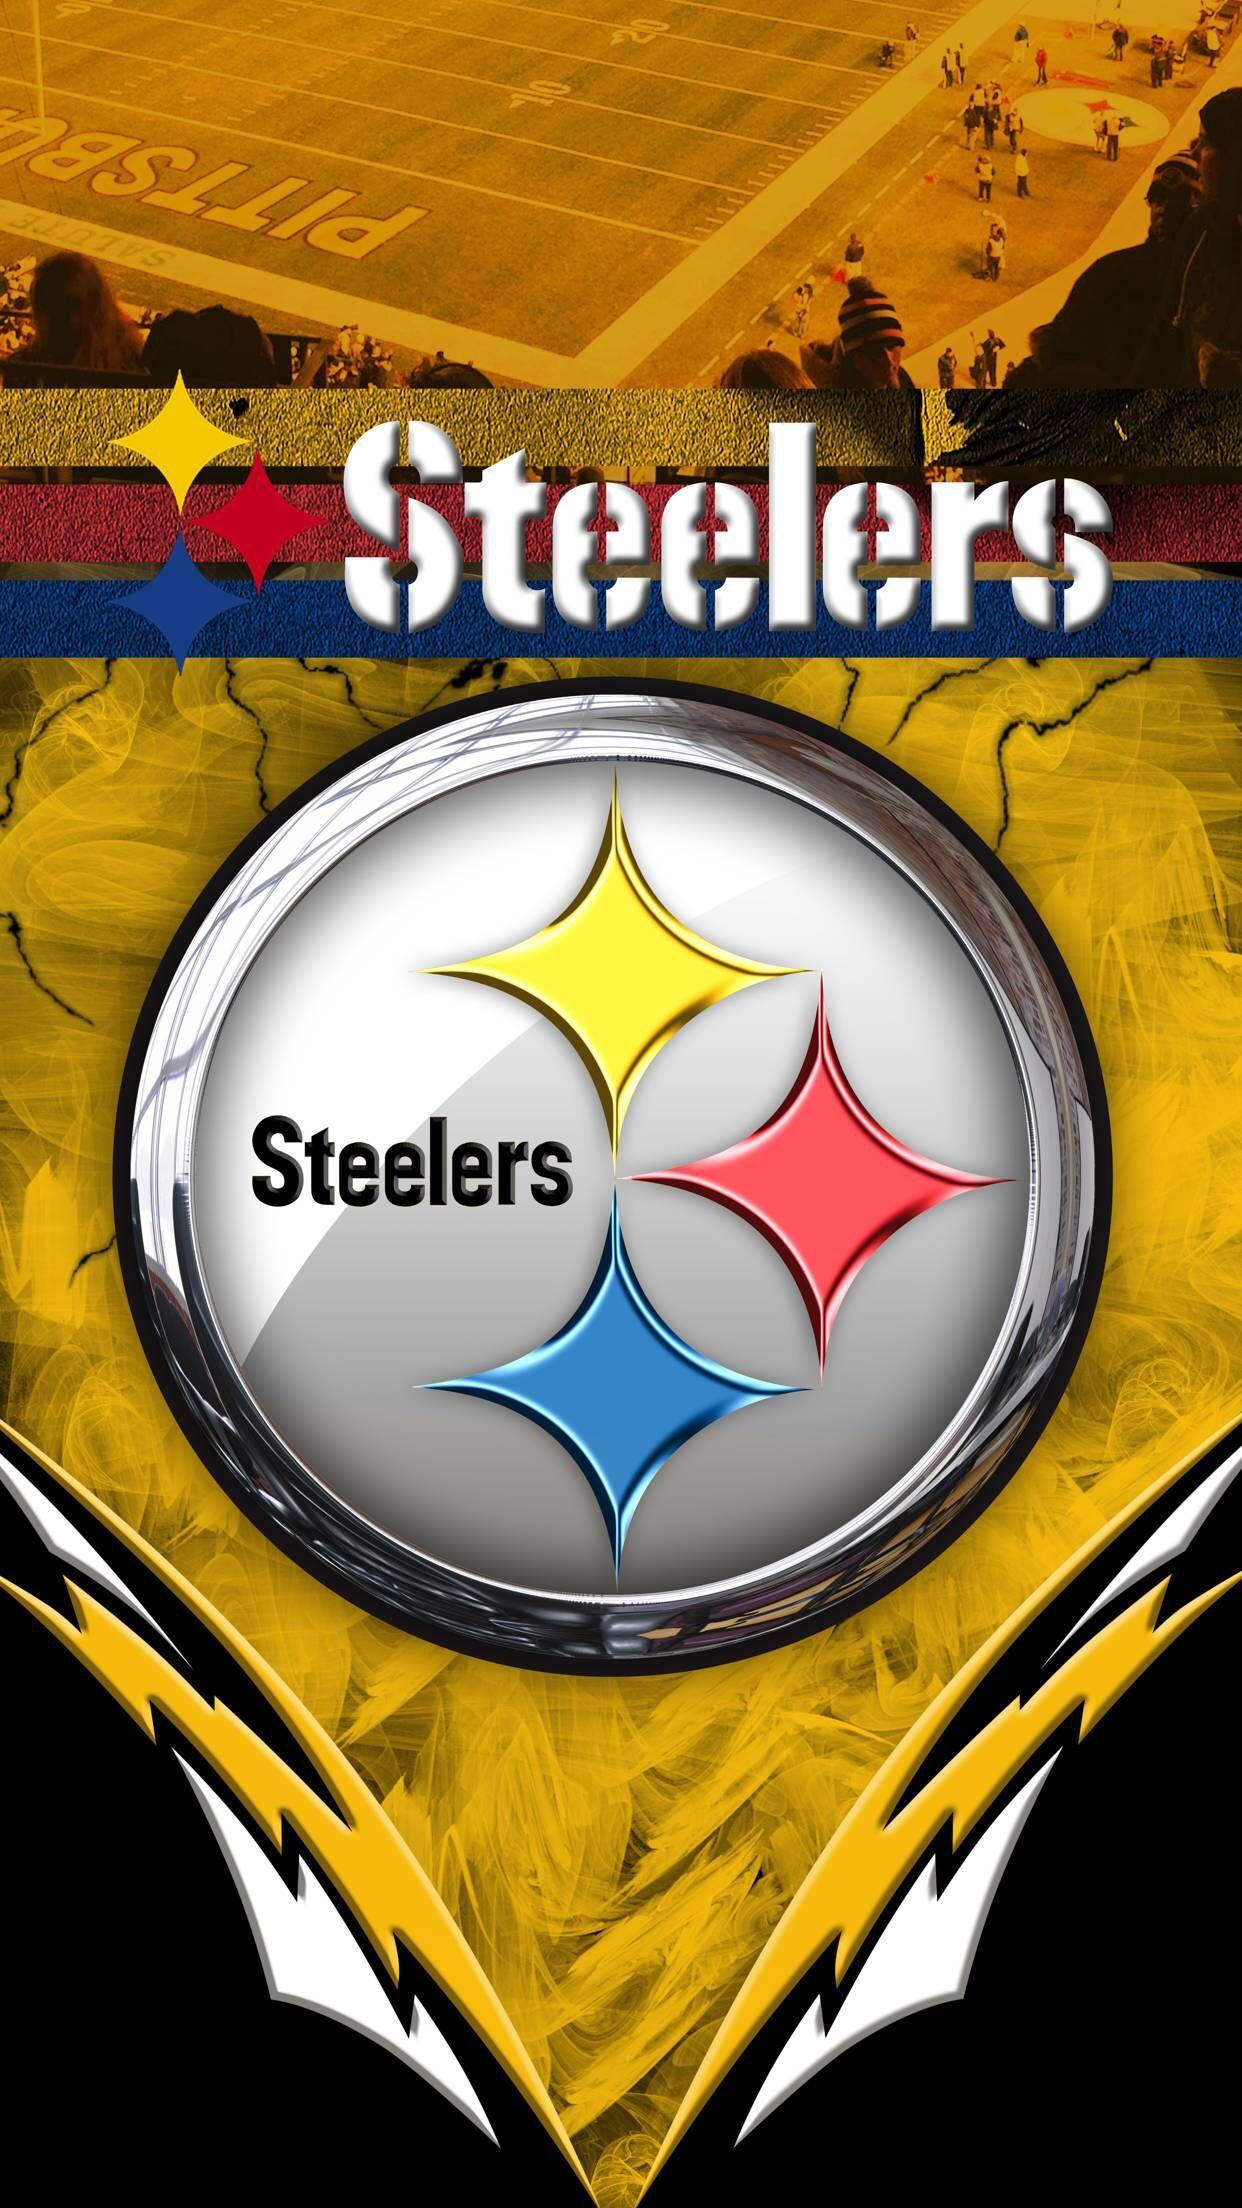 Pittsburgh Steelers Phone Desktop Wallpaper Backgrounds In 2019 Pittsburgh Steelers Wallpaper Pittsburgh Steelers Logo Pittsburgh Steelers Football